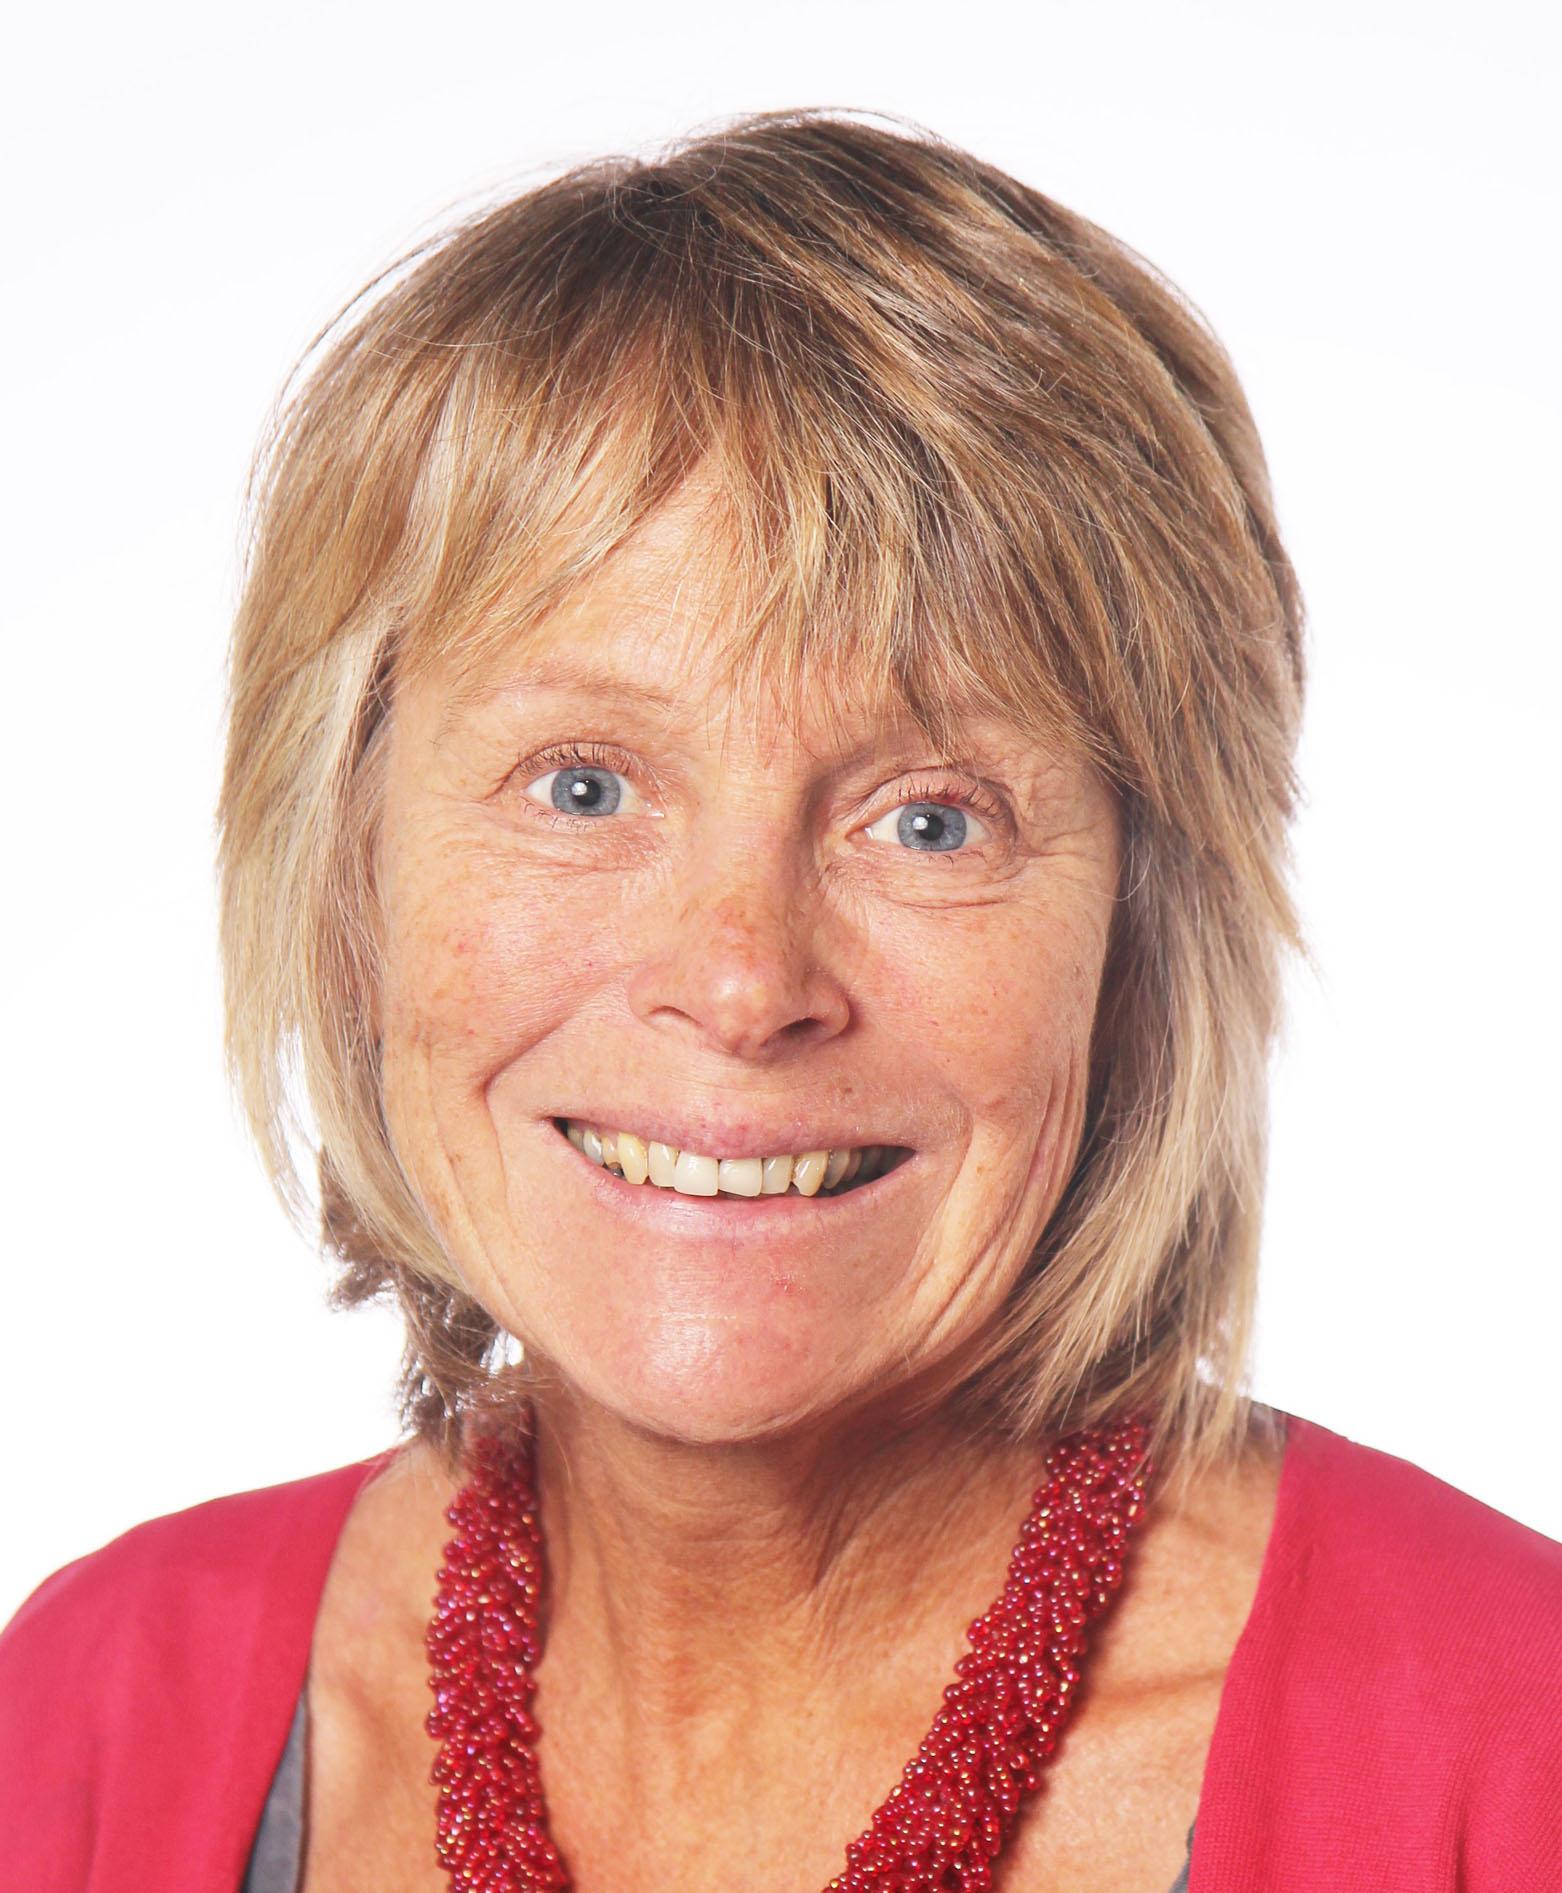 Angie Mudge